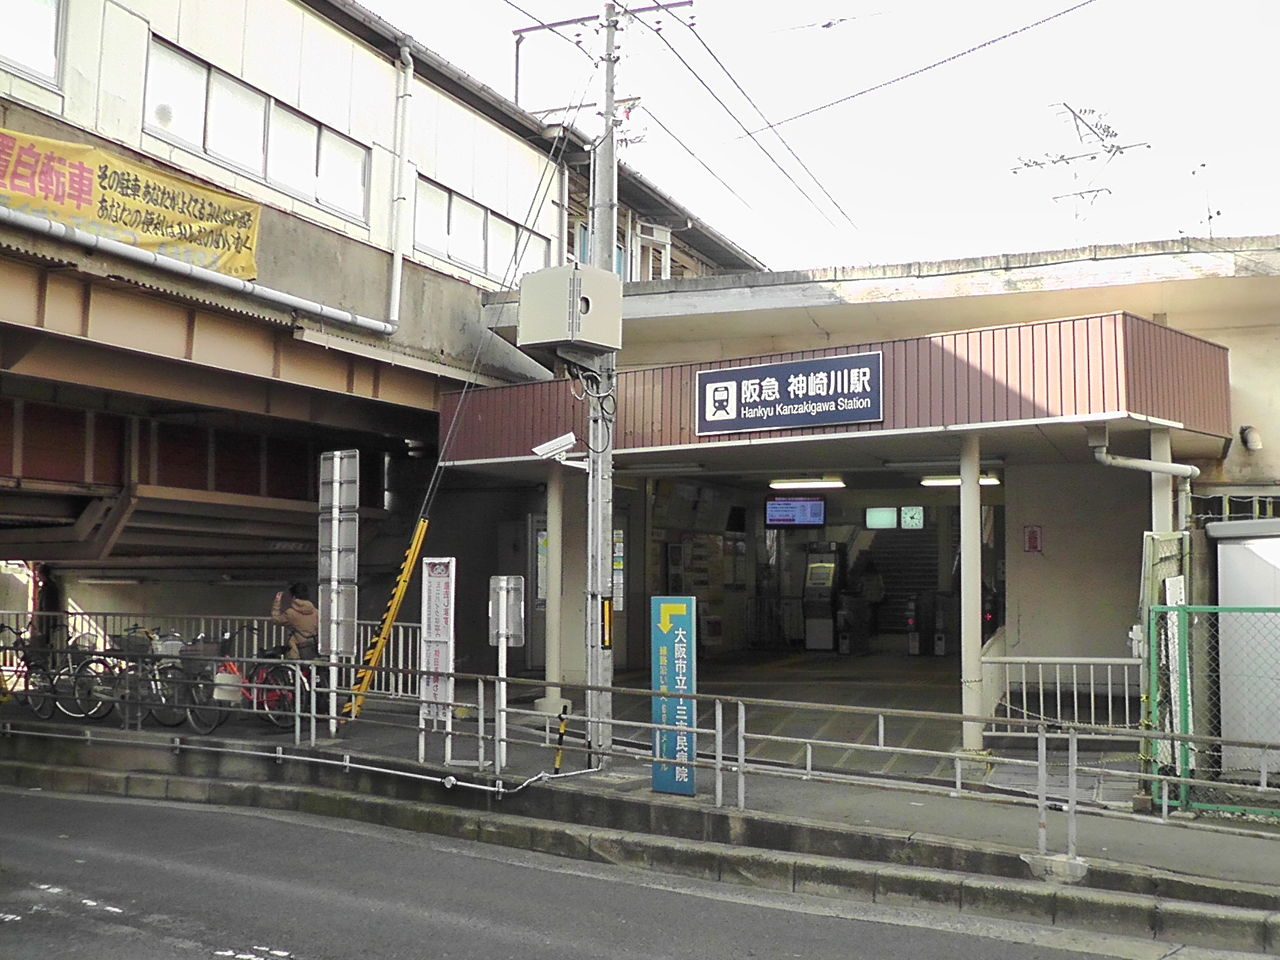 jr 立花 から 大阪